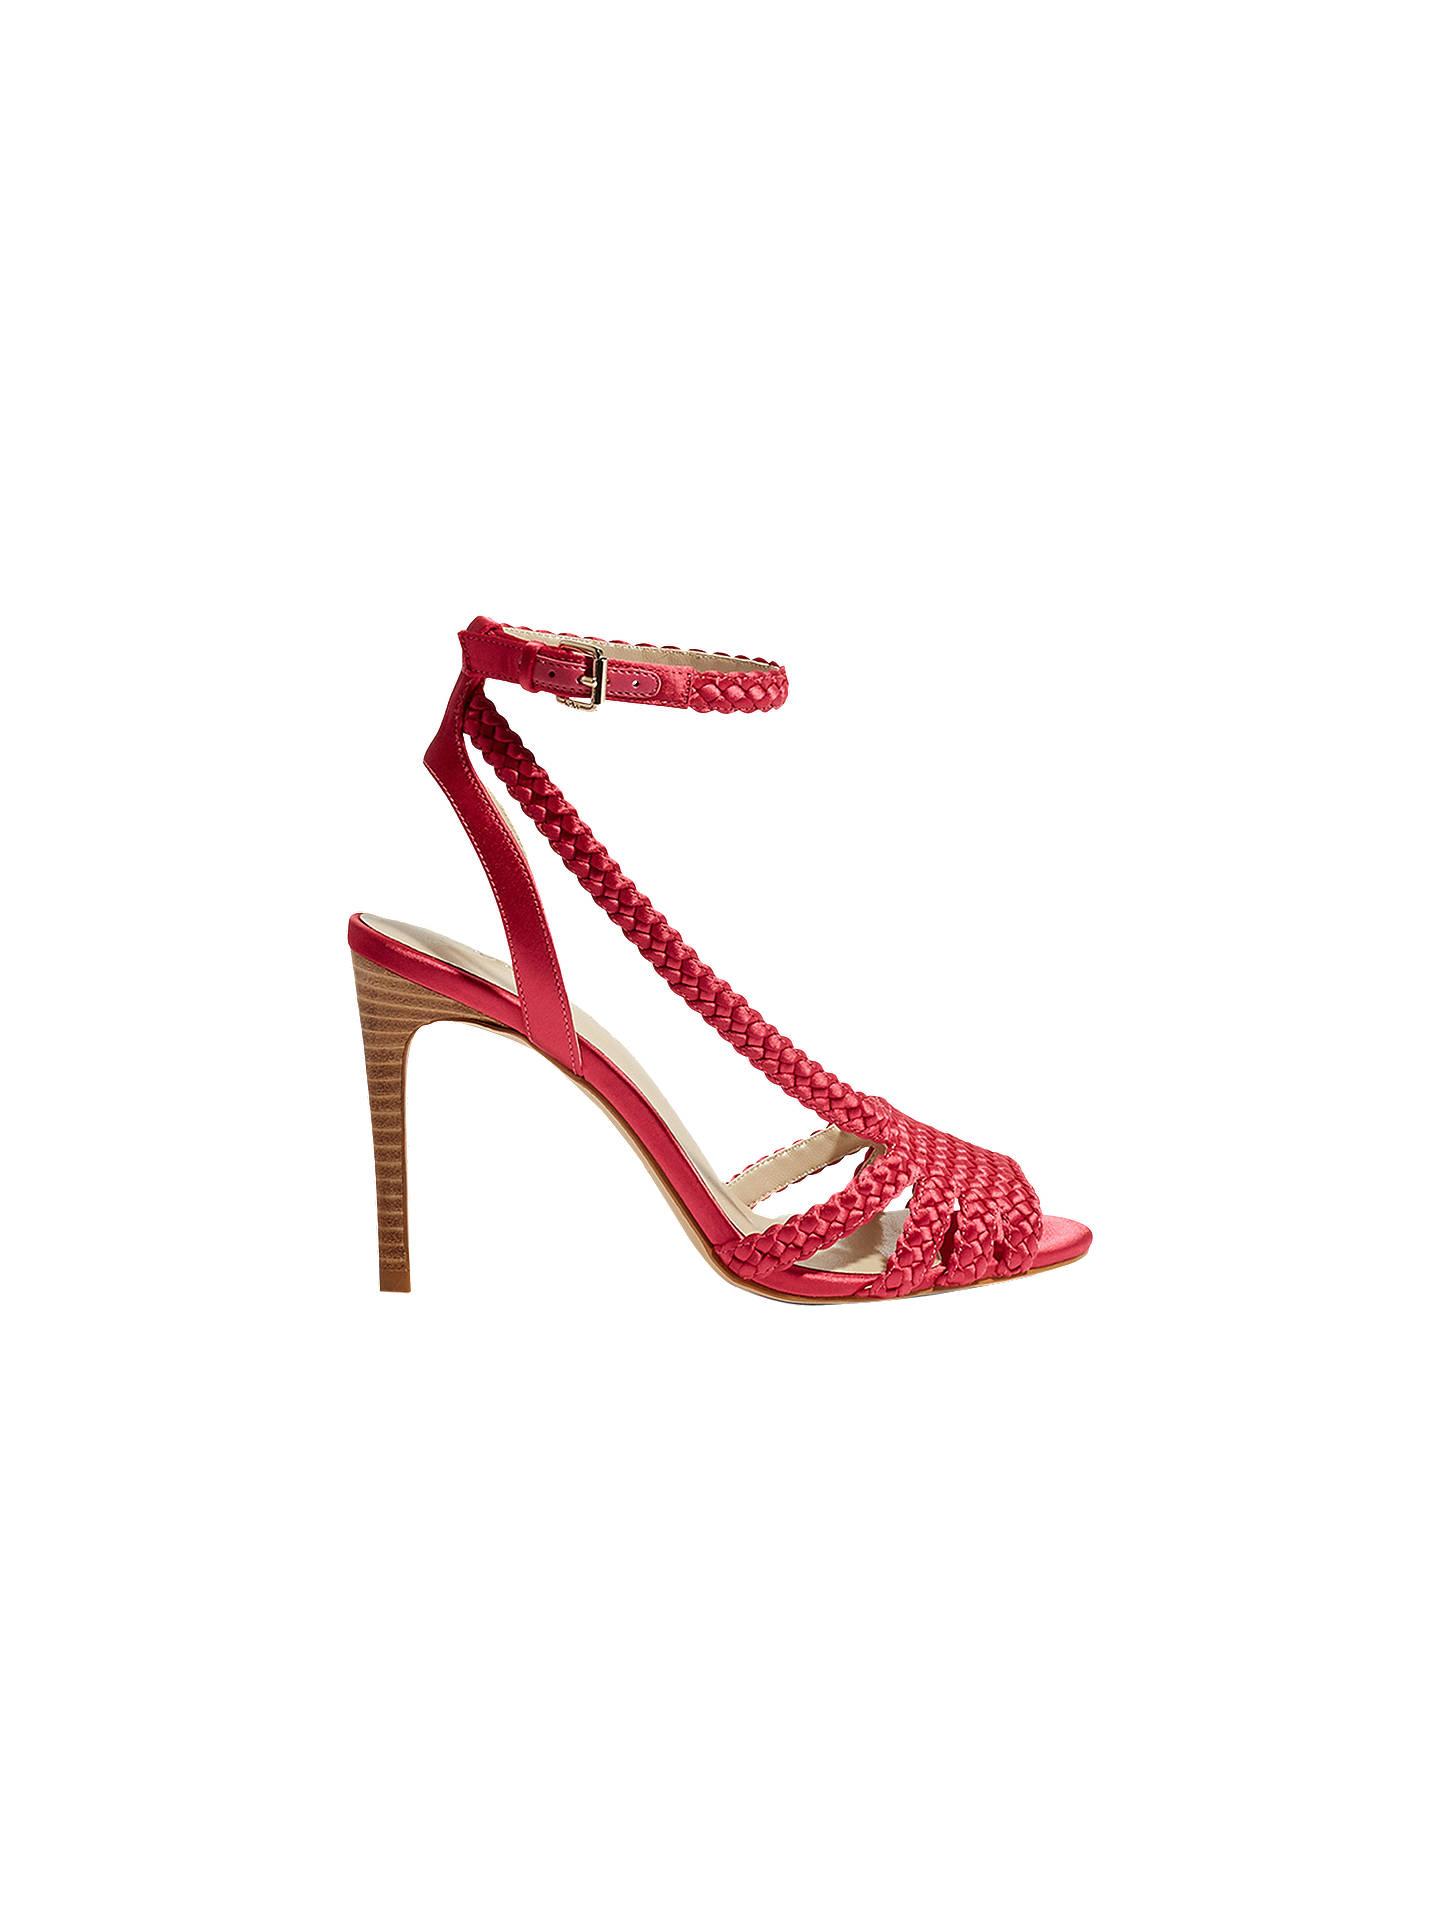 c445bbd16ff Buy Karen Millen Plaited Stiletto Heel Sandals